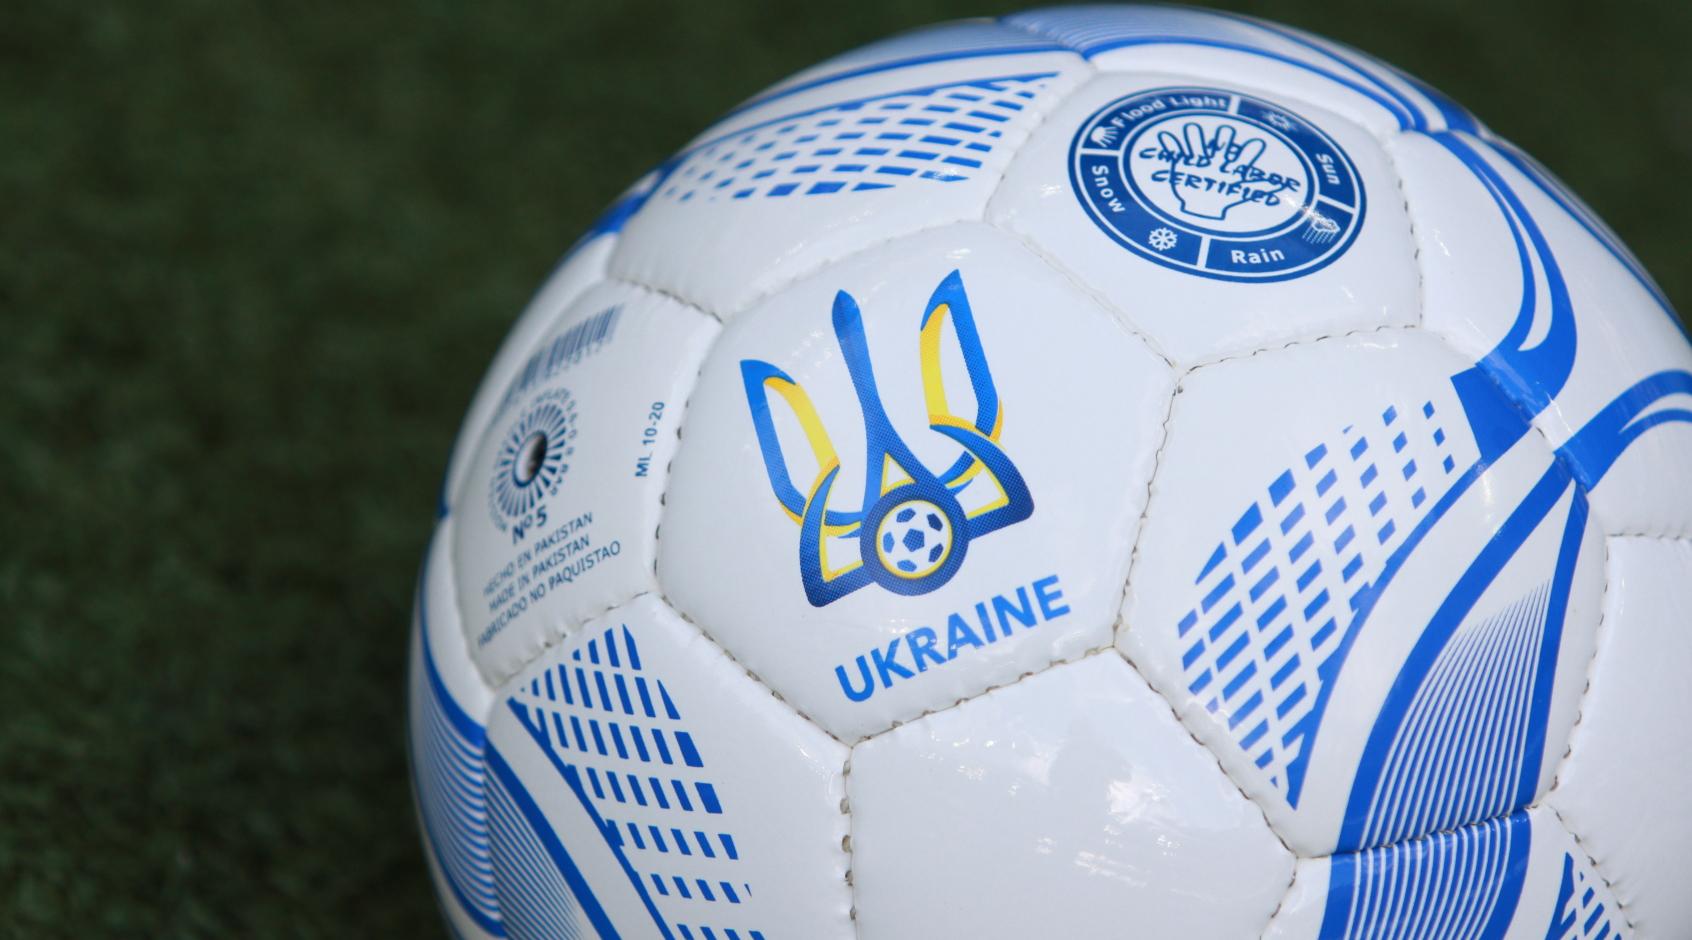 Перемога над Кіпром стала 27-ю, яку збірна України здобула з великим рахунком